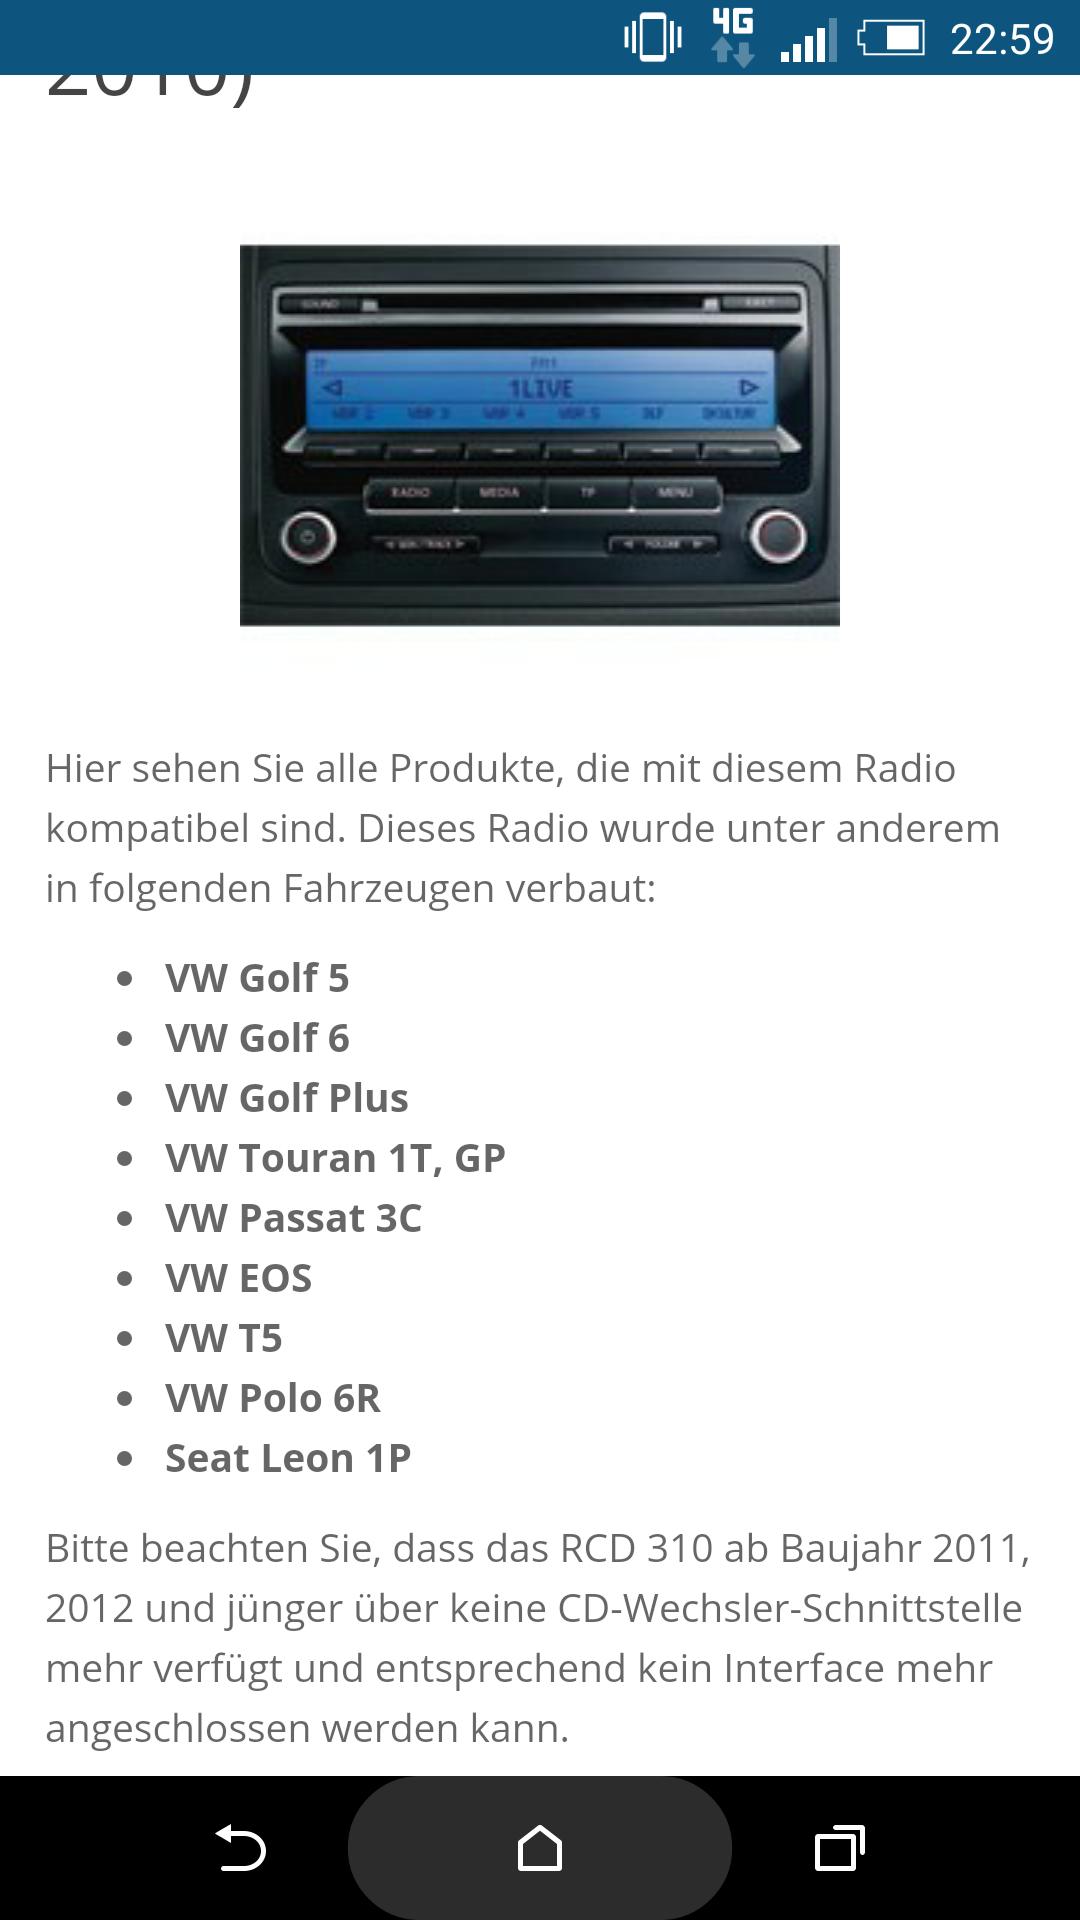 rcd 310 lightning in car hifi navigation telefon. Black Bedroom Furniture Sets. Home Design Ideas